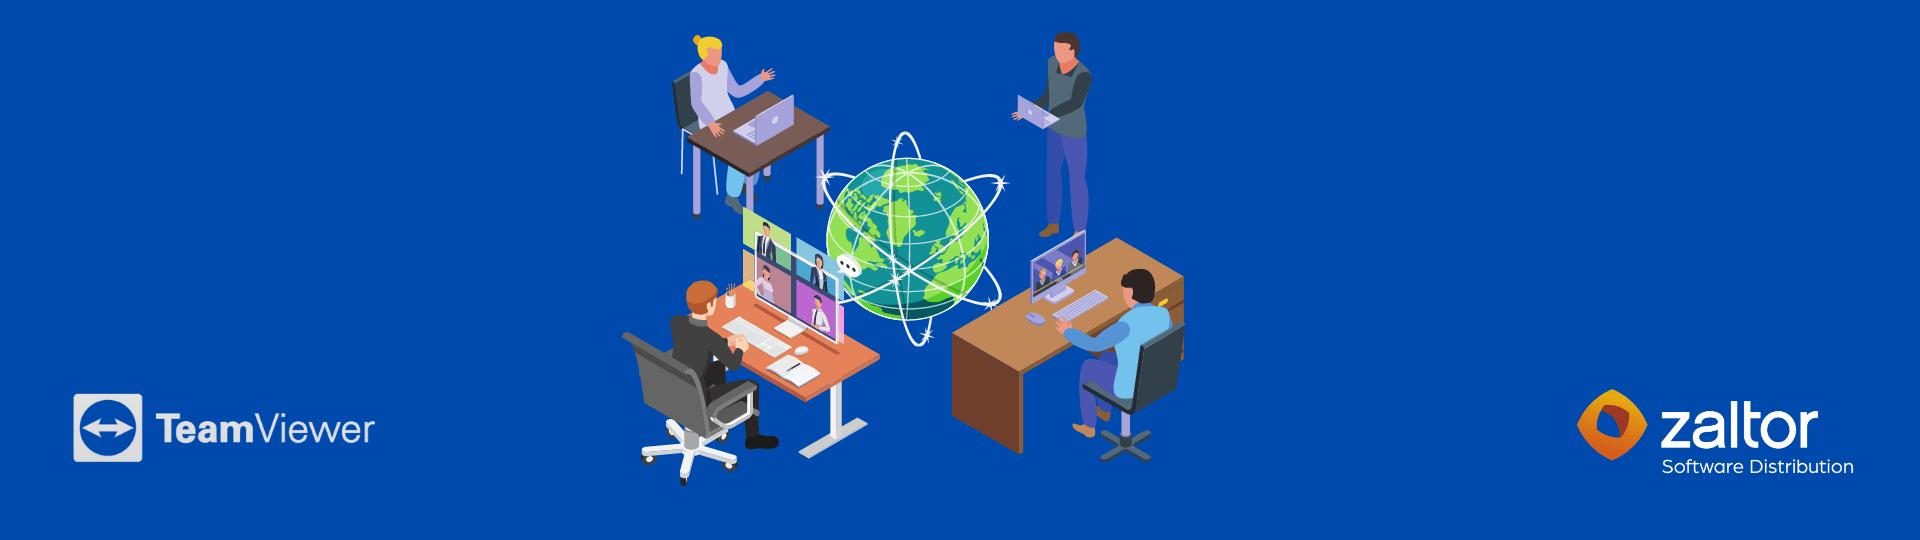 teamviewer meeting software definitivo videollamadas reuniones online